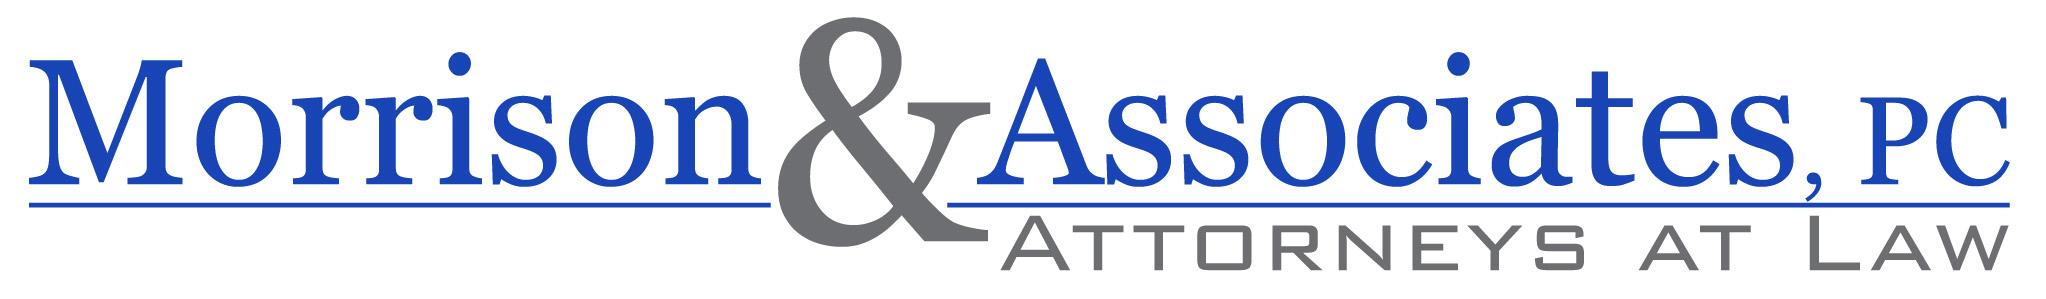 Morrison & Associates, PC